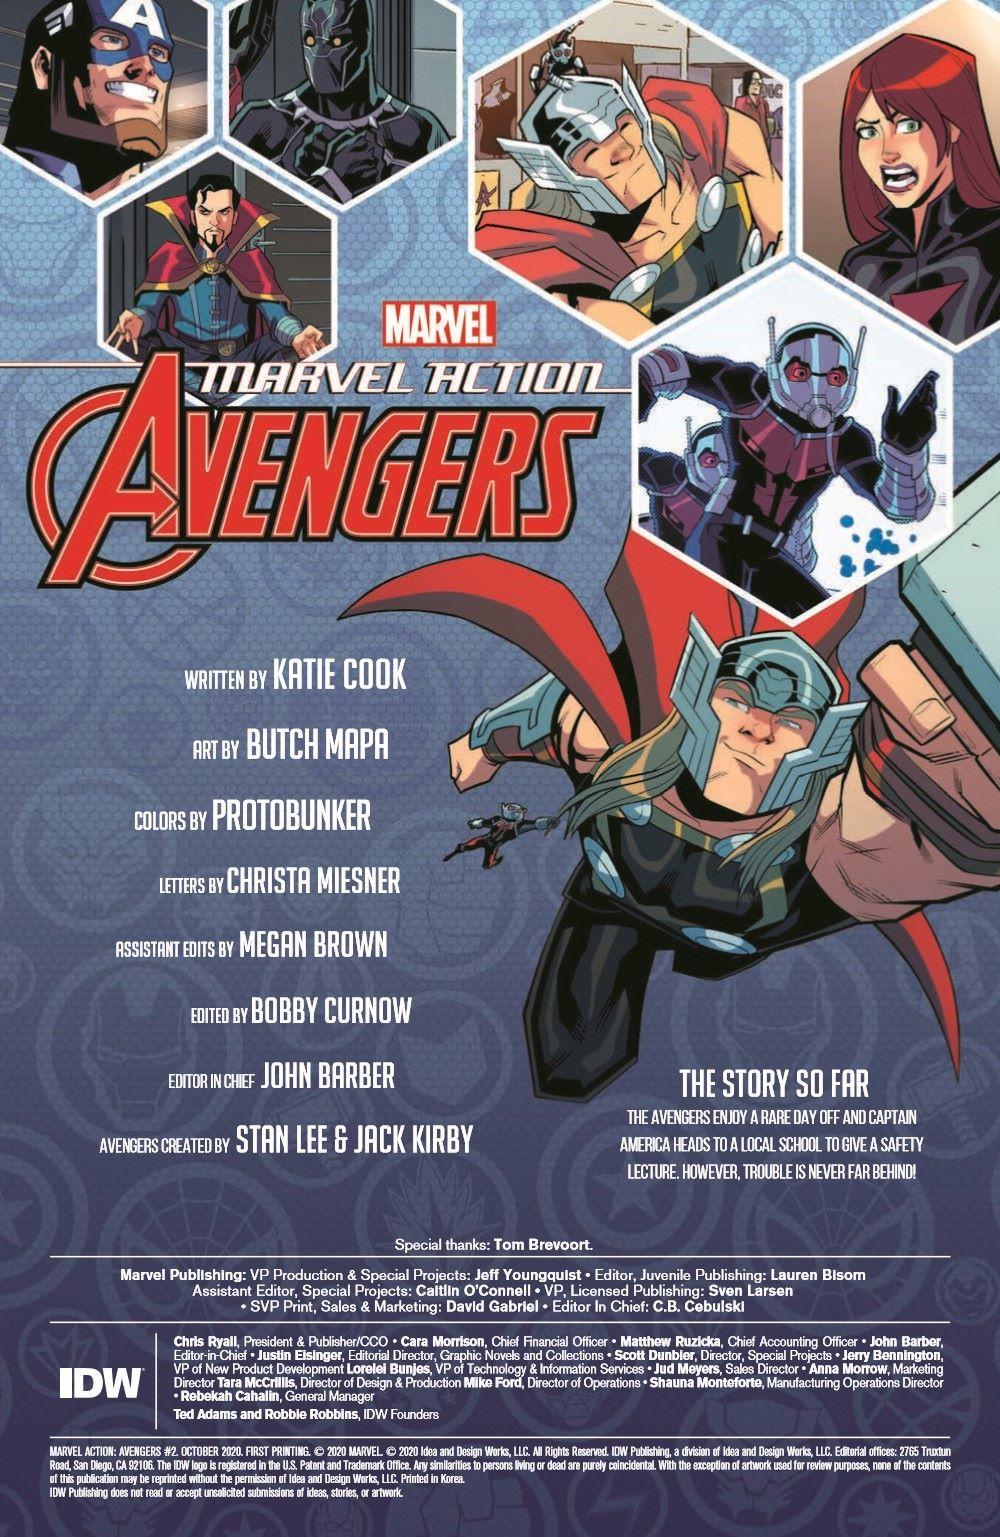 Marvel_Avengers_02_pr-2 ComicList Previews: MARVEL ACTION AVENGERS VOLUME 2 #2